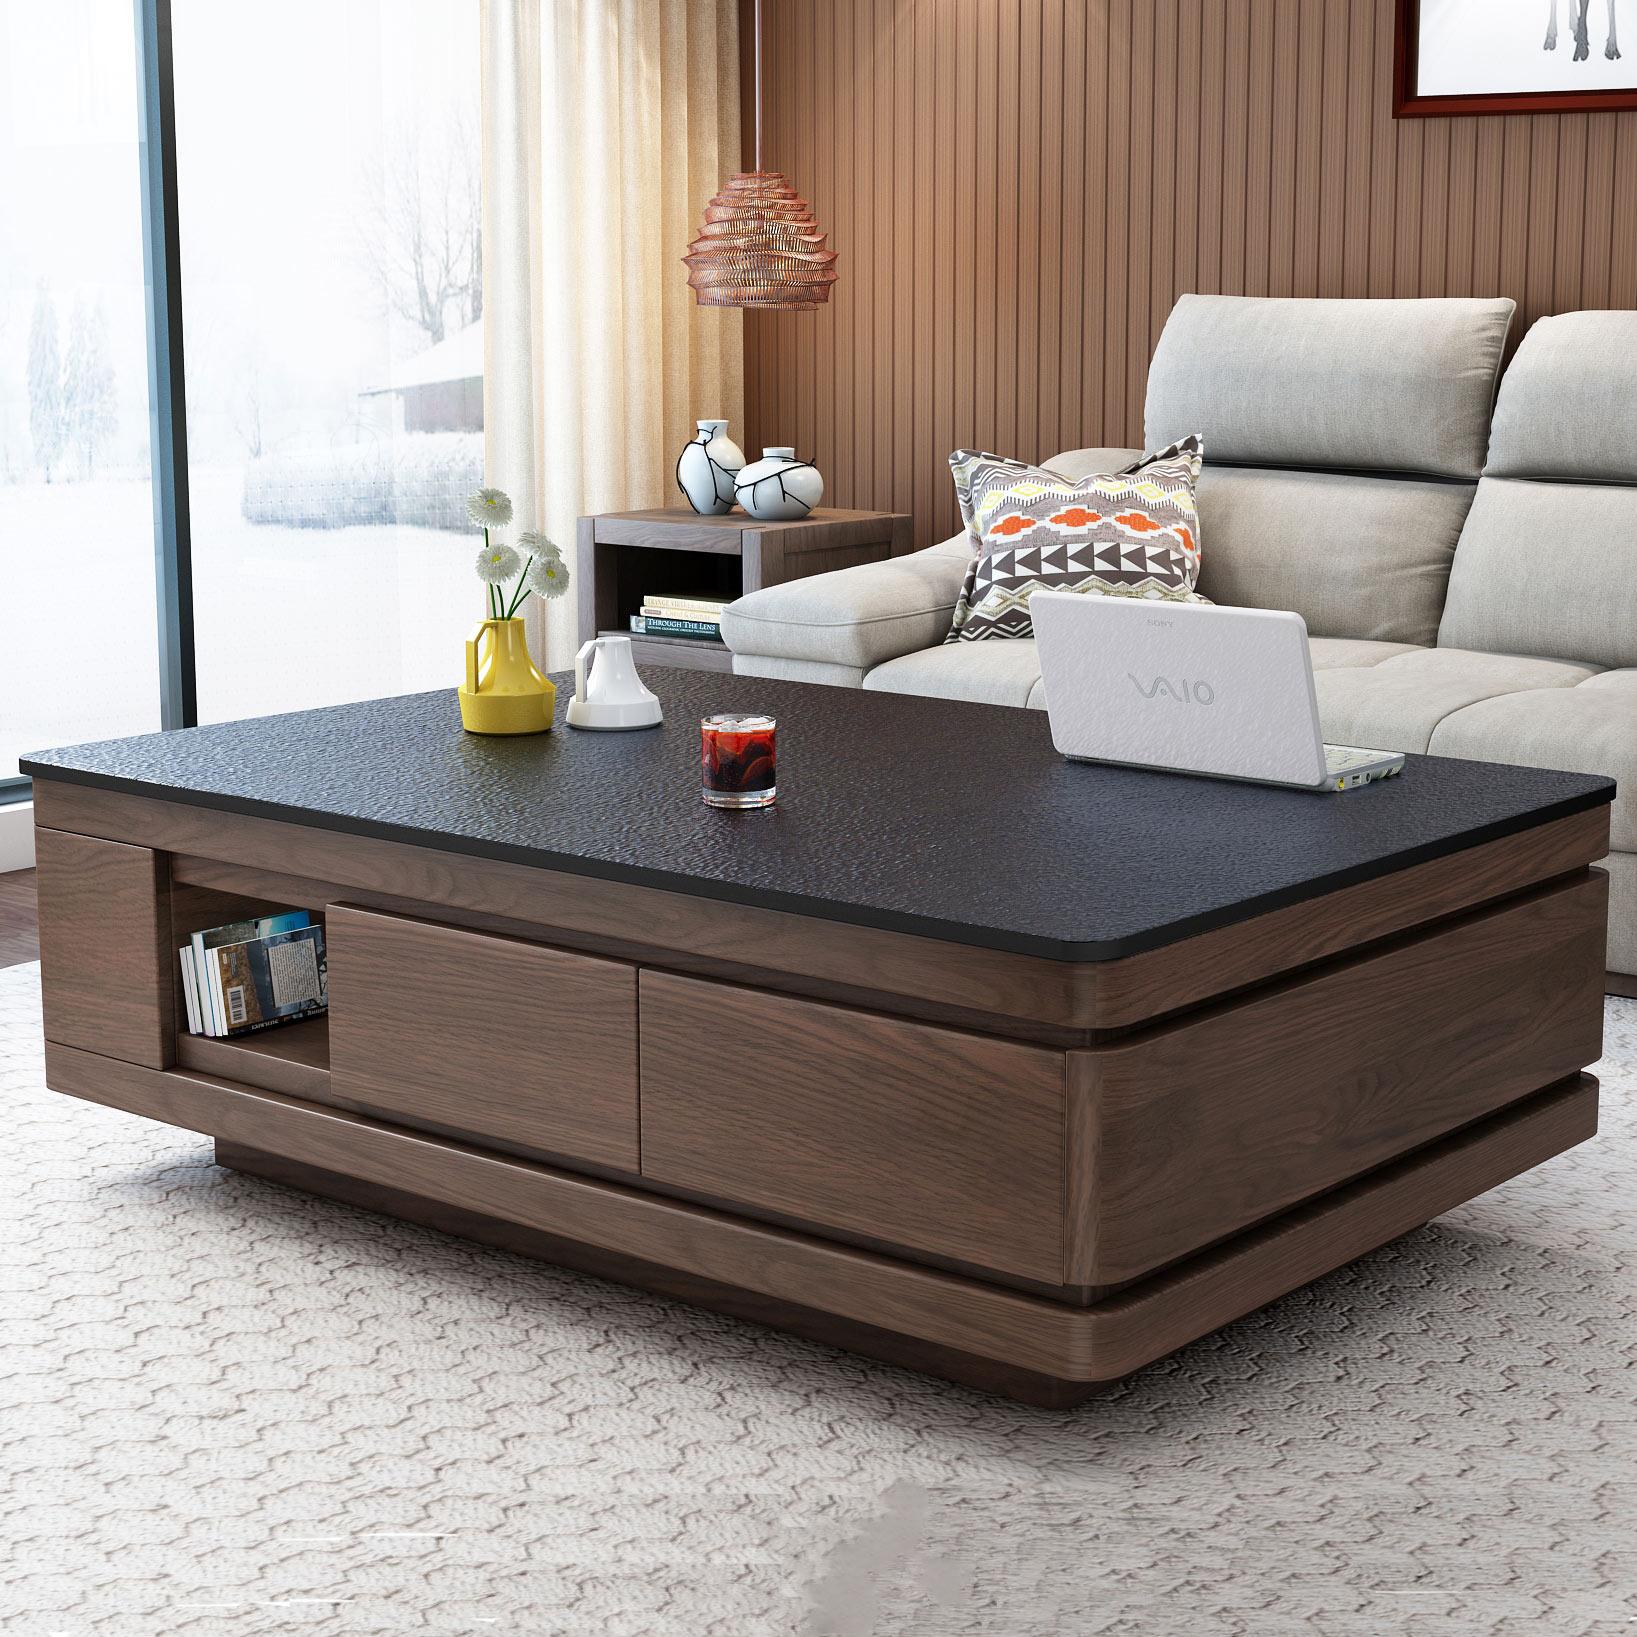 简约现代北欧创意大理石茶几火烧石电视柜组合美式多功能客厅家具图片